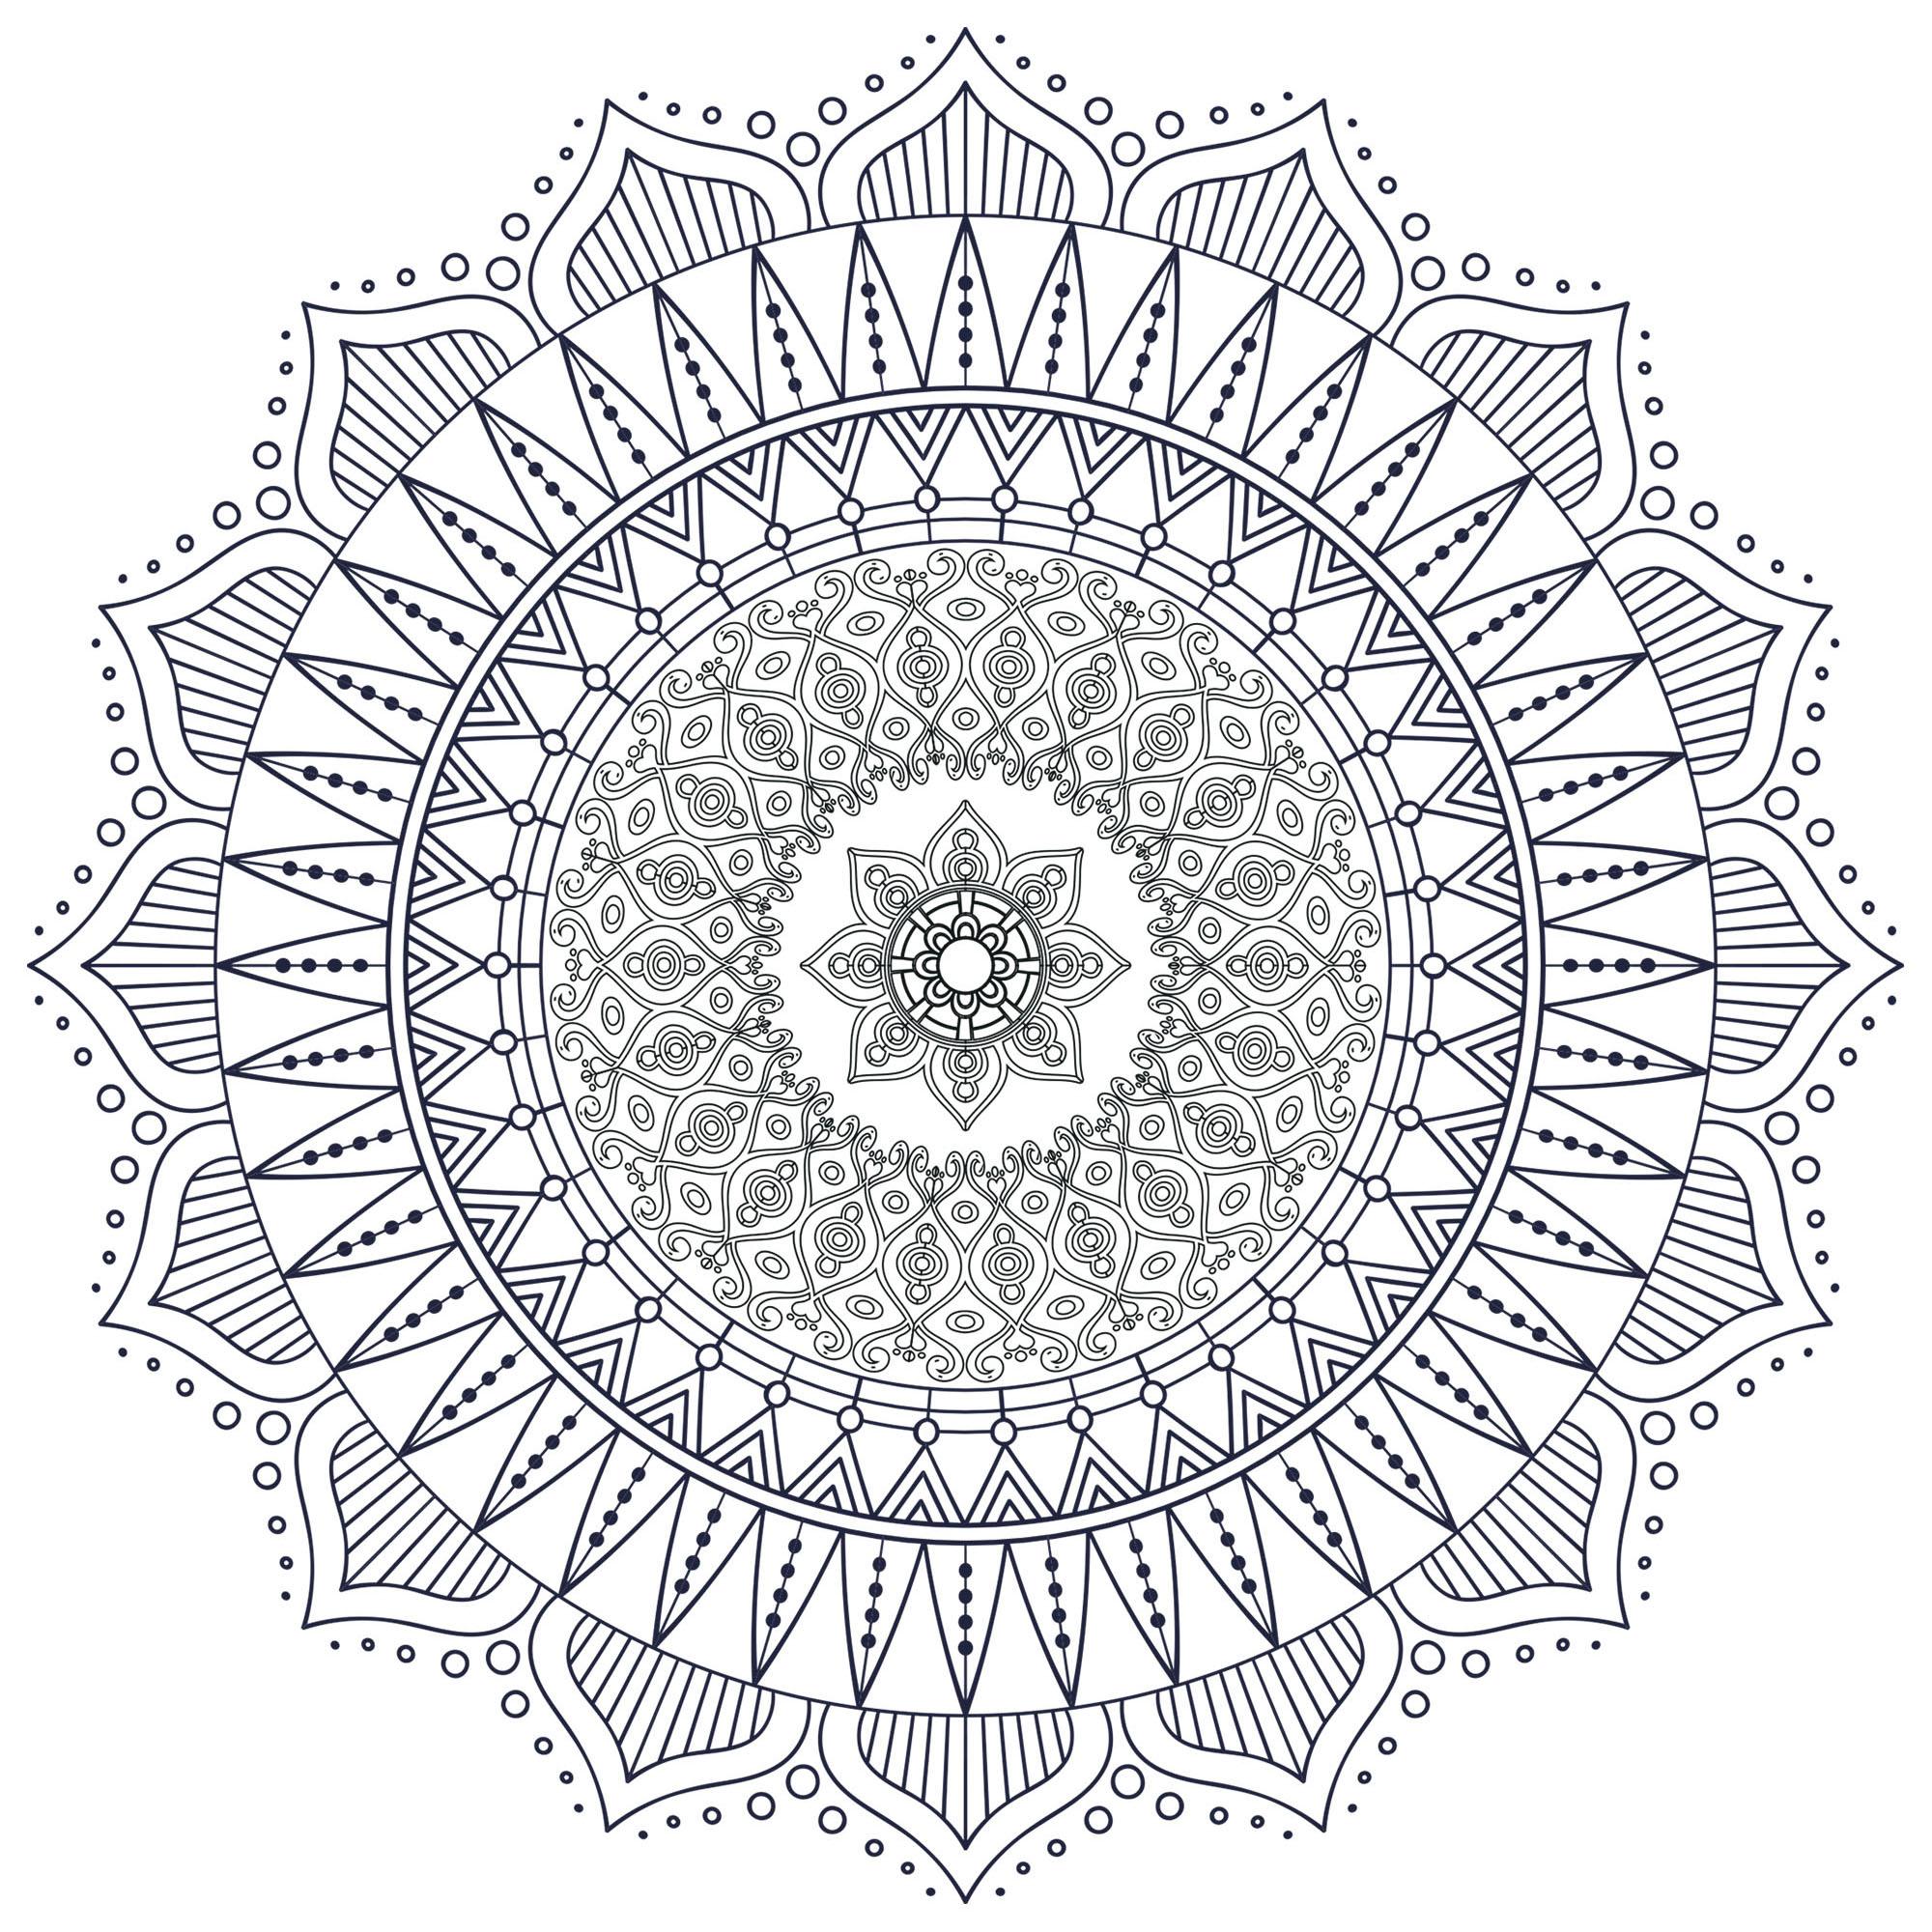 Offrez-vous une parenthèse de zénitude avec ce superbe Mandala à colorier sans plus attendre, avec les couleurs qui vous plaisent le plus. Il est original car il comporte en son centre un mini Mandala !